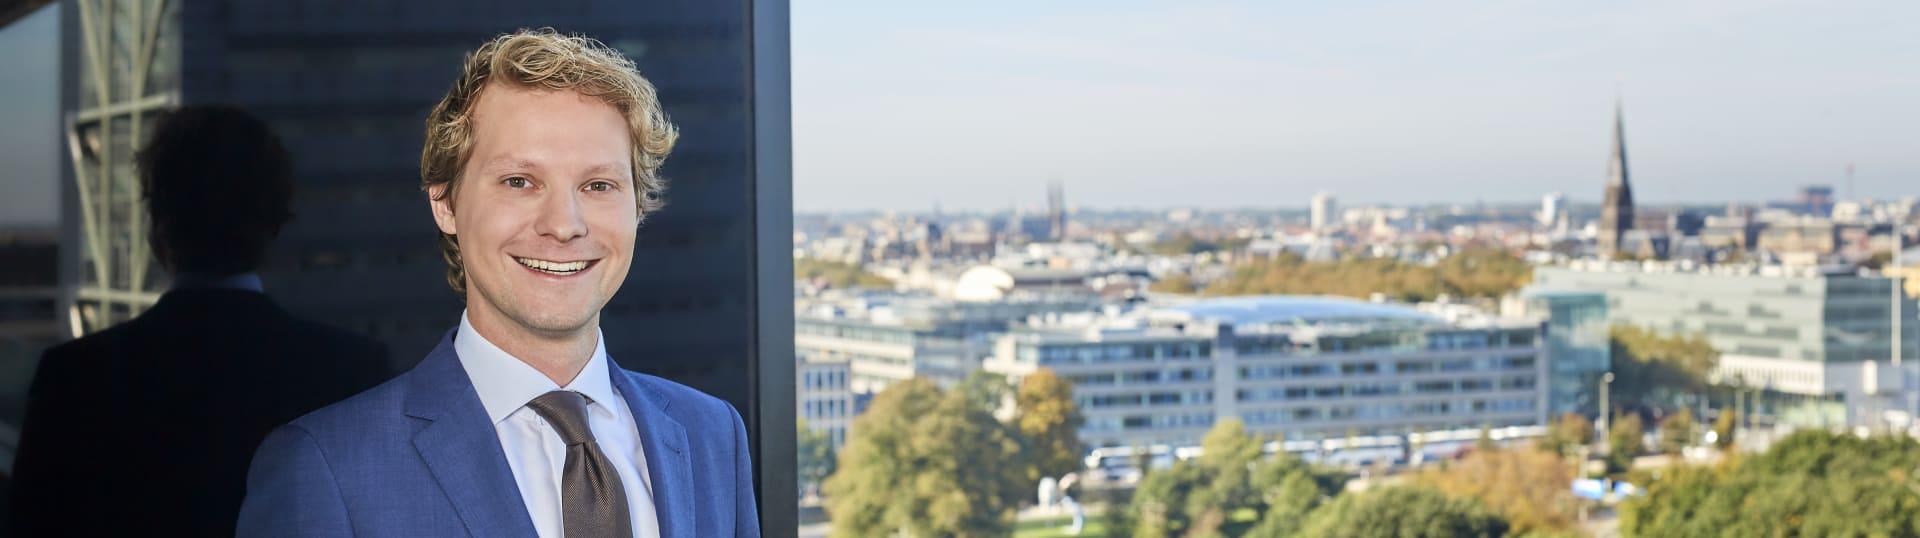 Gerard de Jongh, advocaat Pels Rijcken